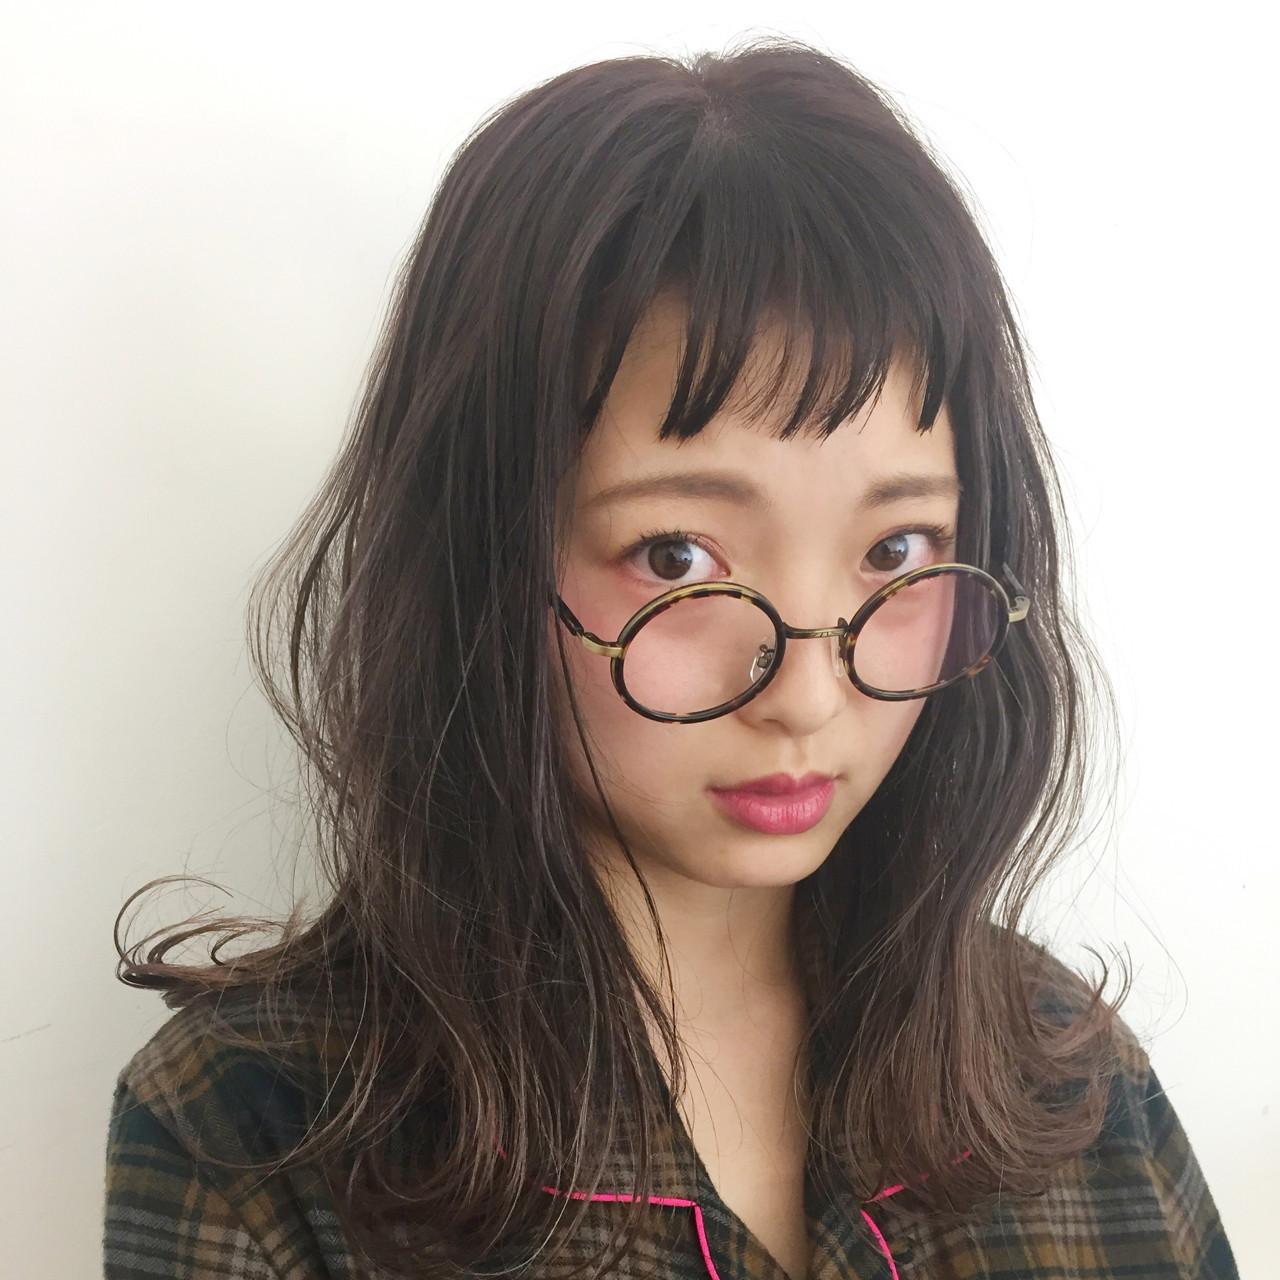 グレージュ ナチュラル オン眉 外国人風カラー ヘアスタイルや髪型の写真・画像